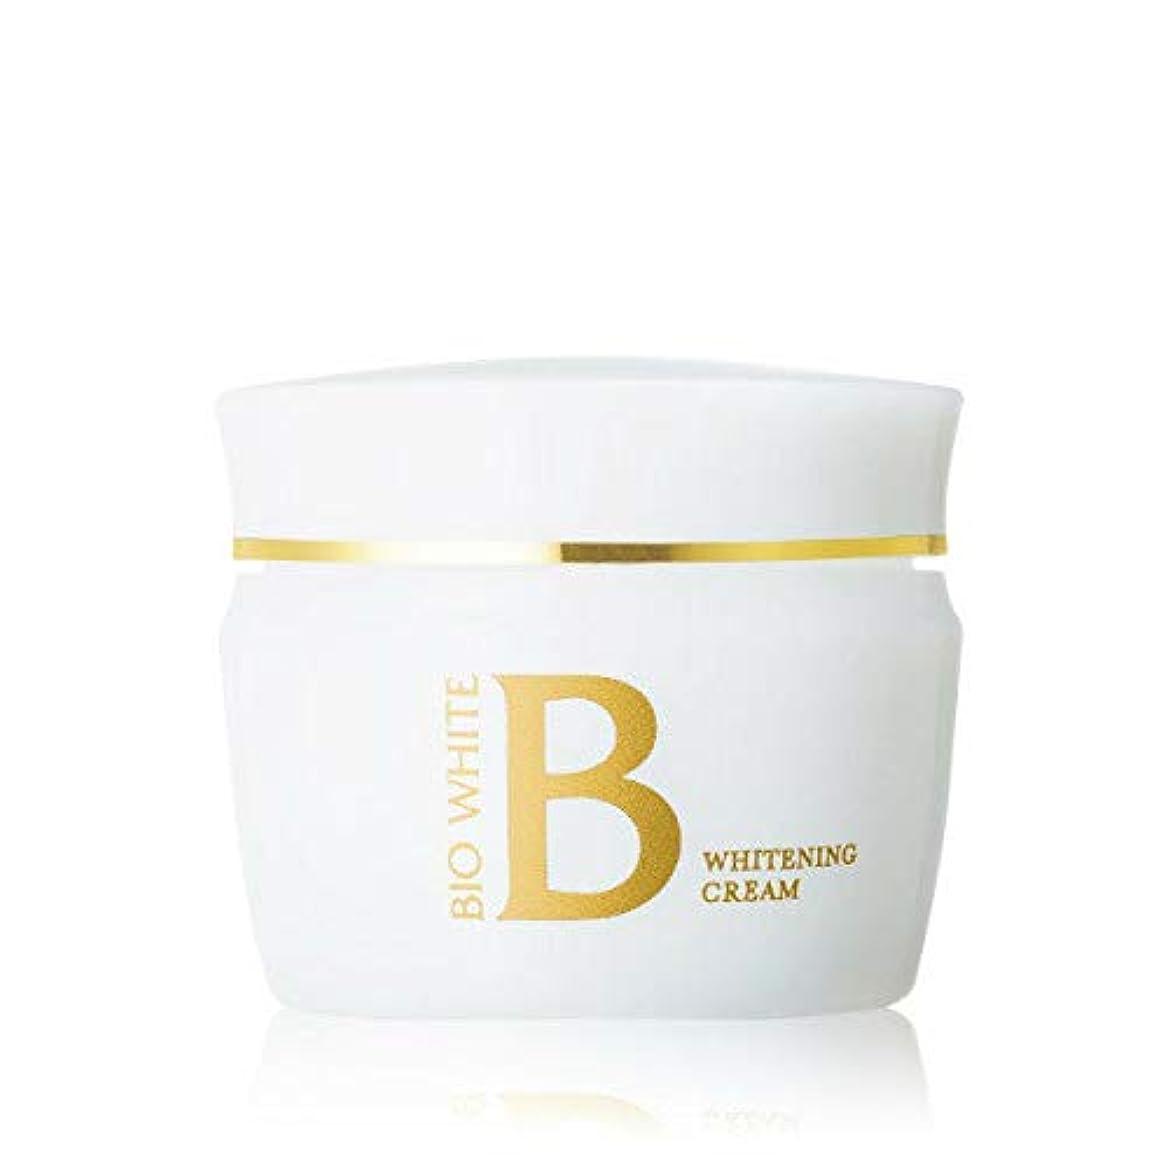 有限シネウィきらめきエビス化粧品(EBiS) エビス ビーホワイトクリーム 40g 美白クリーム トラネキサム酸 配合 医薬部外品